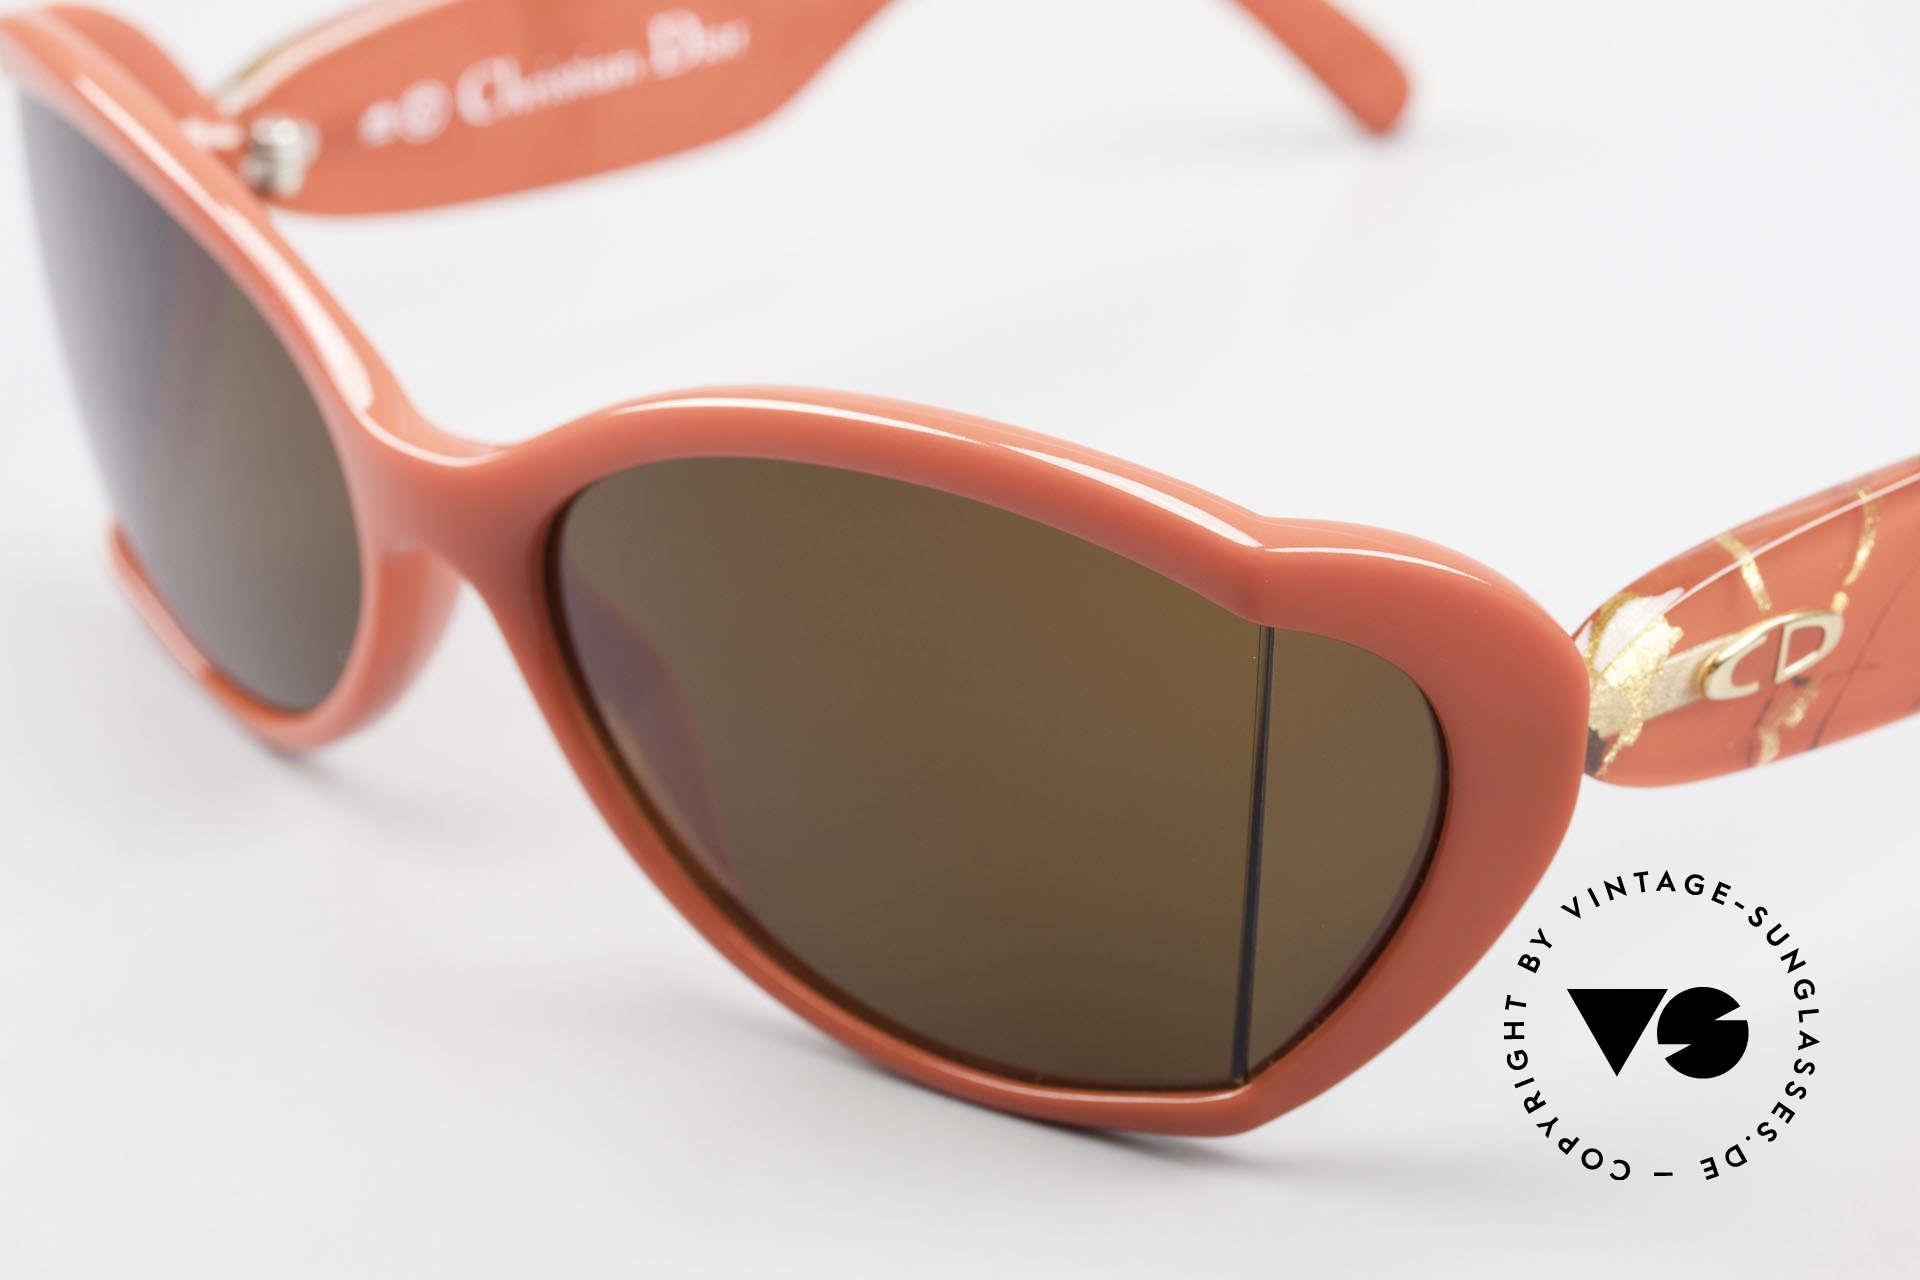 Christian Dior 2439 80s Sonnenbrille Seitenblenden, ungetragen (wie alle unsere seltenen C. Dior Brillen), Passend für Damen